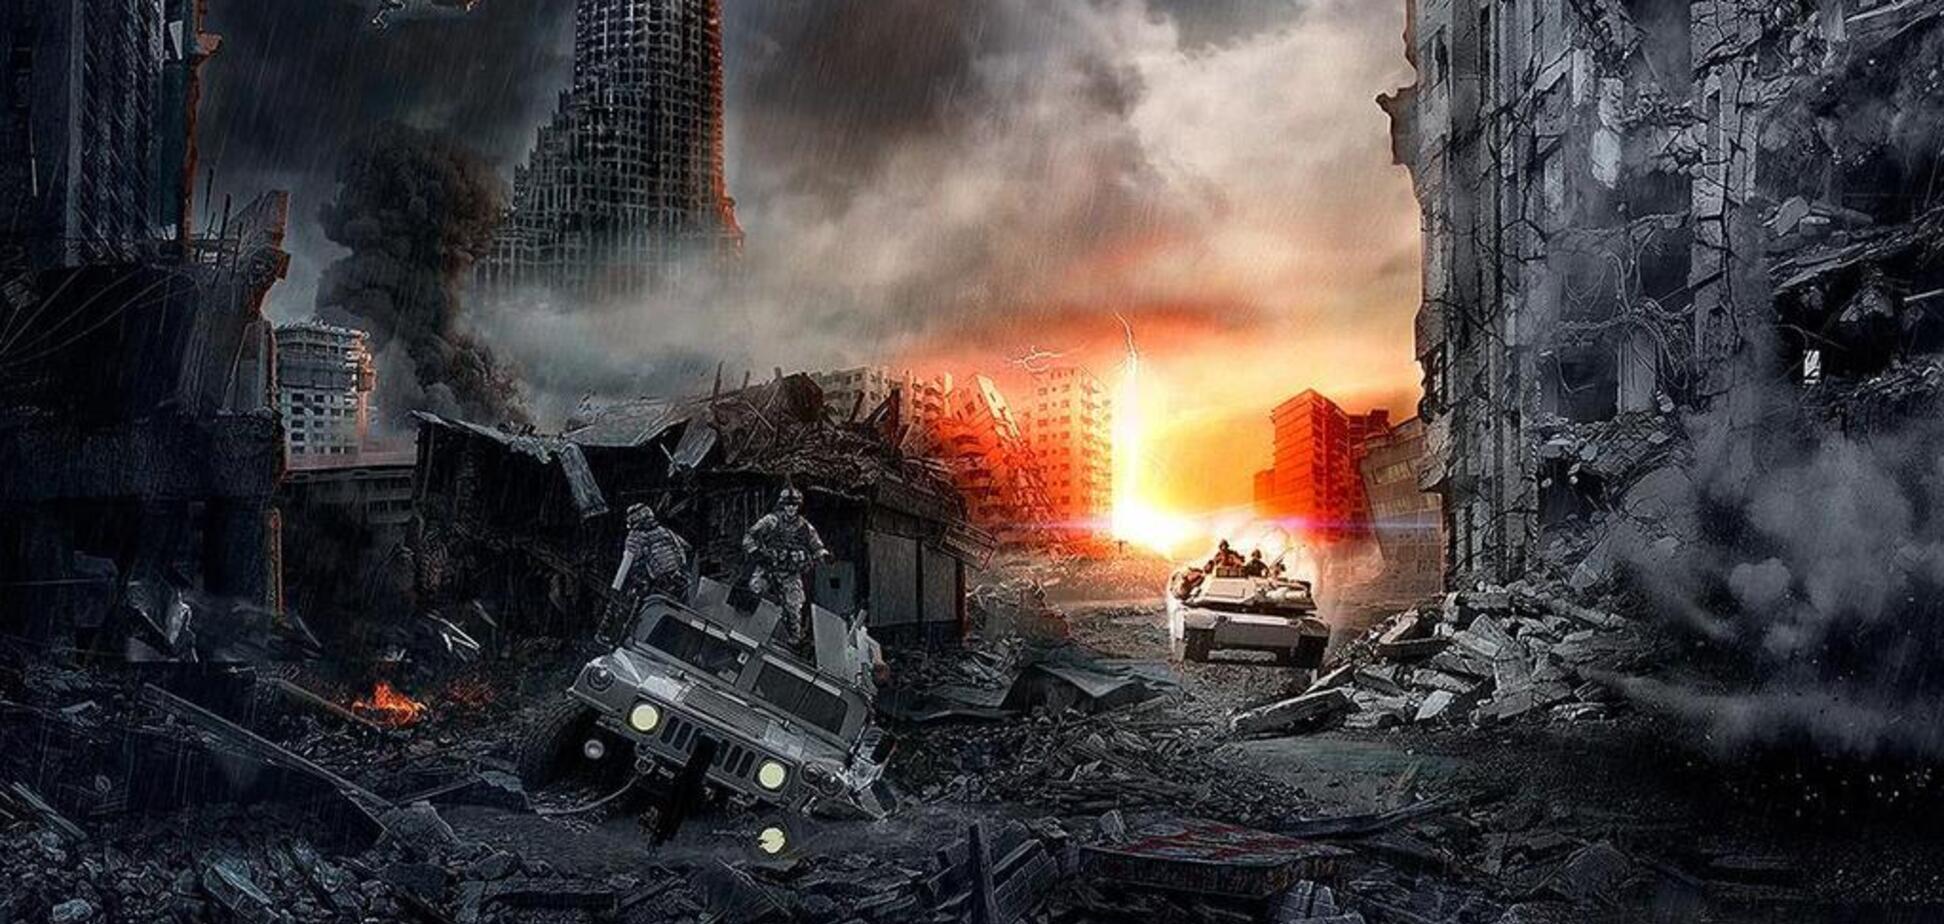 Конец света: маг сказал, что может погубить человечество